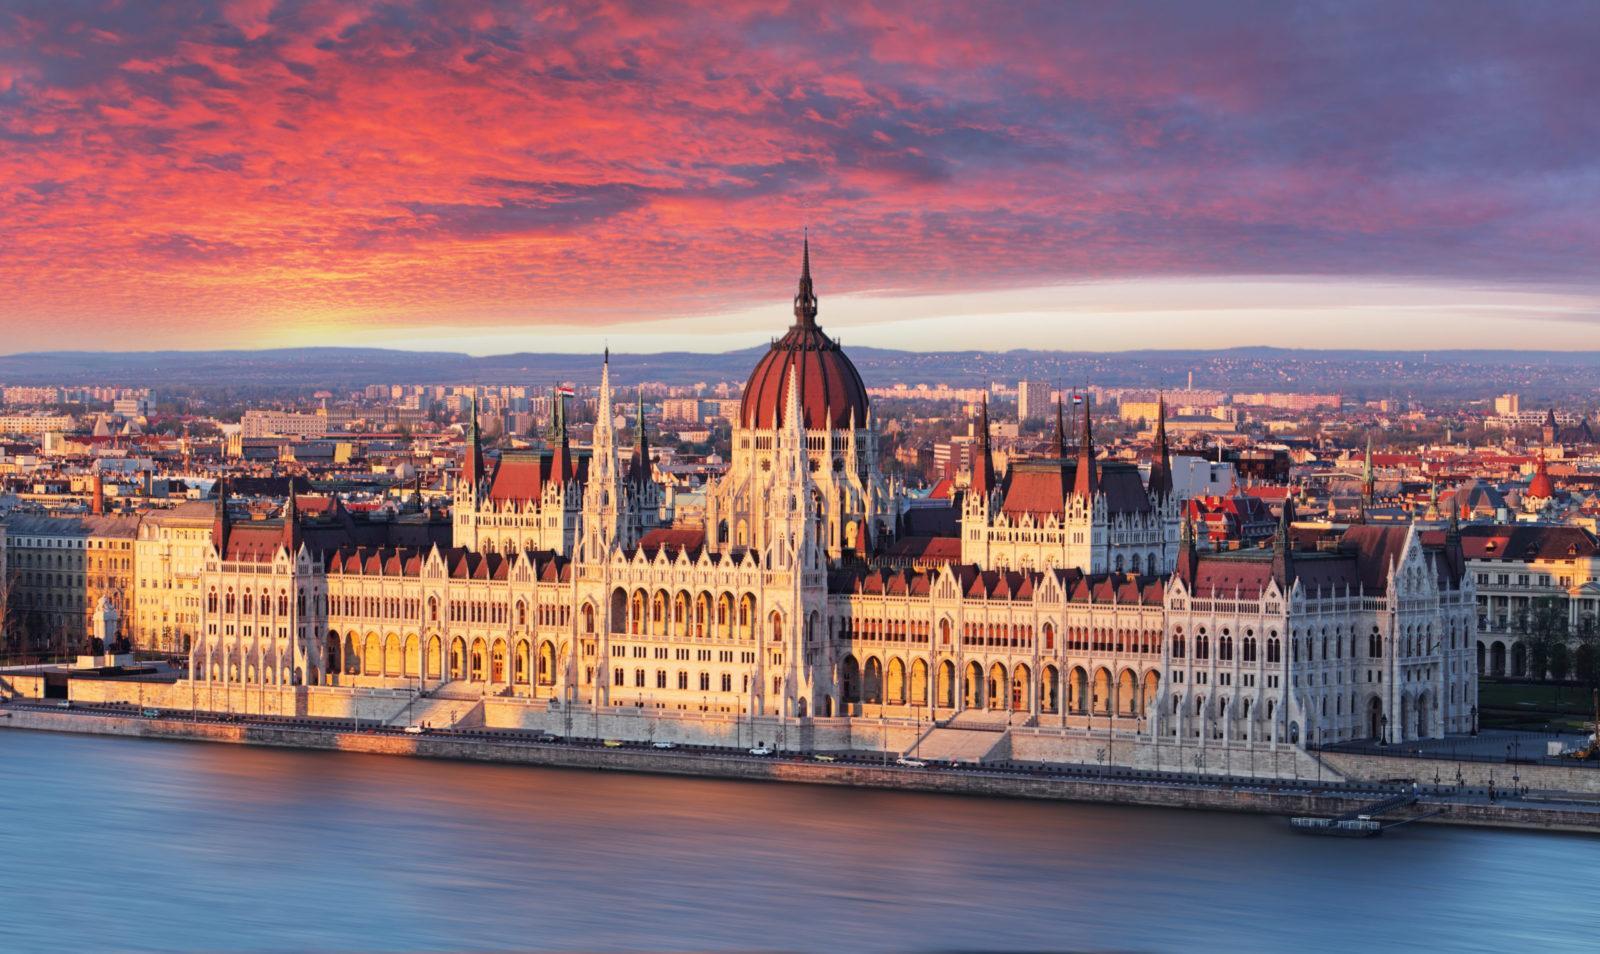 Parliament Building Budapest Sunset scaled - იაფი ავიაბილეთები ბუდაპეშტის მიმართულებით